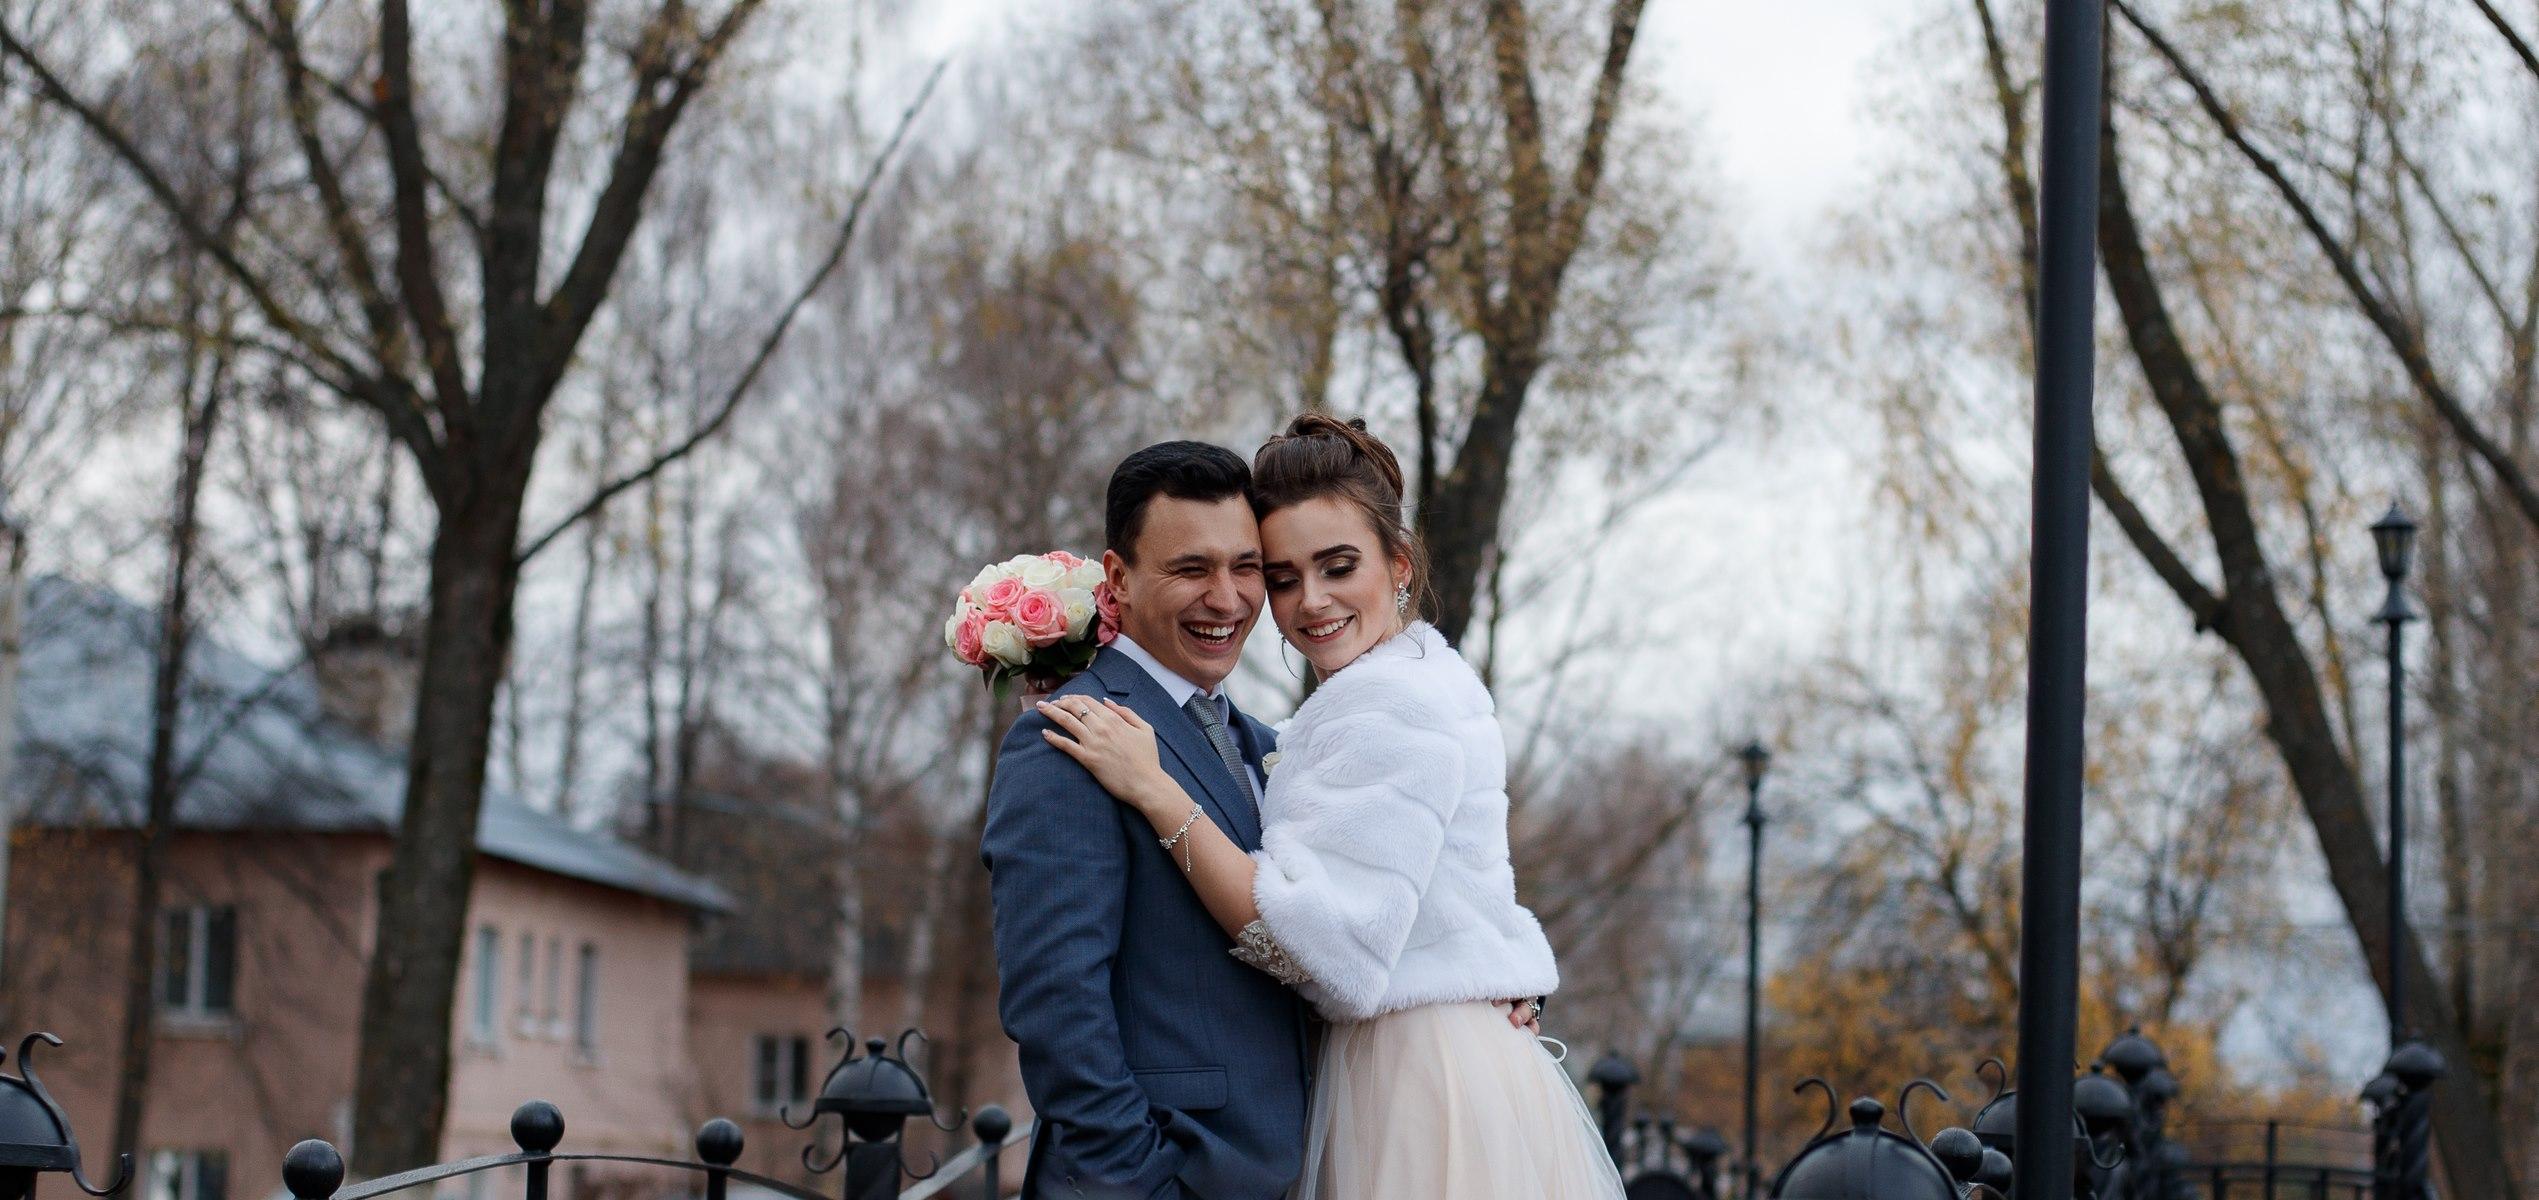 Свадебная фотосъемка в г. Богородск, Мост Влюбленных